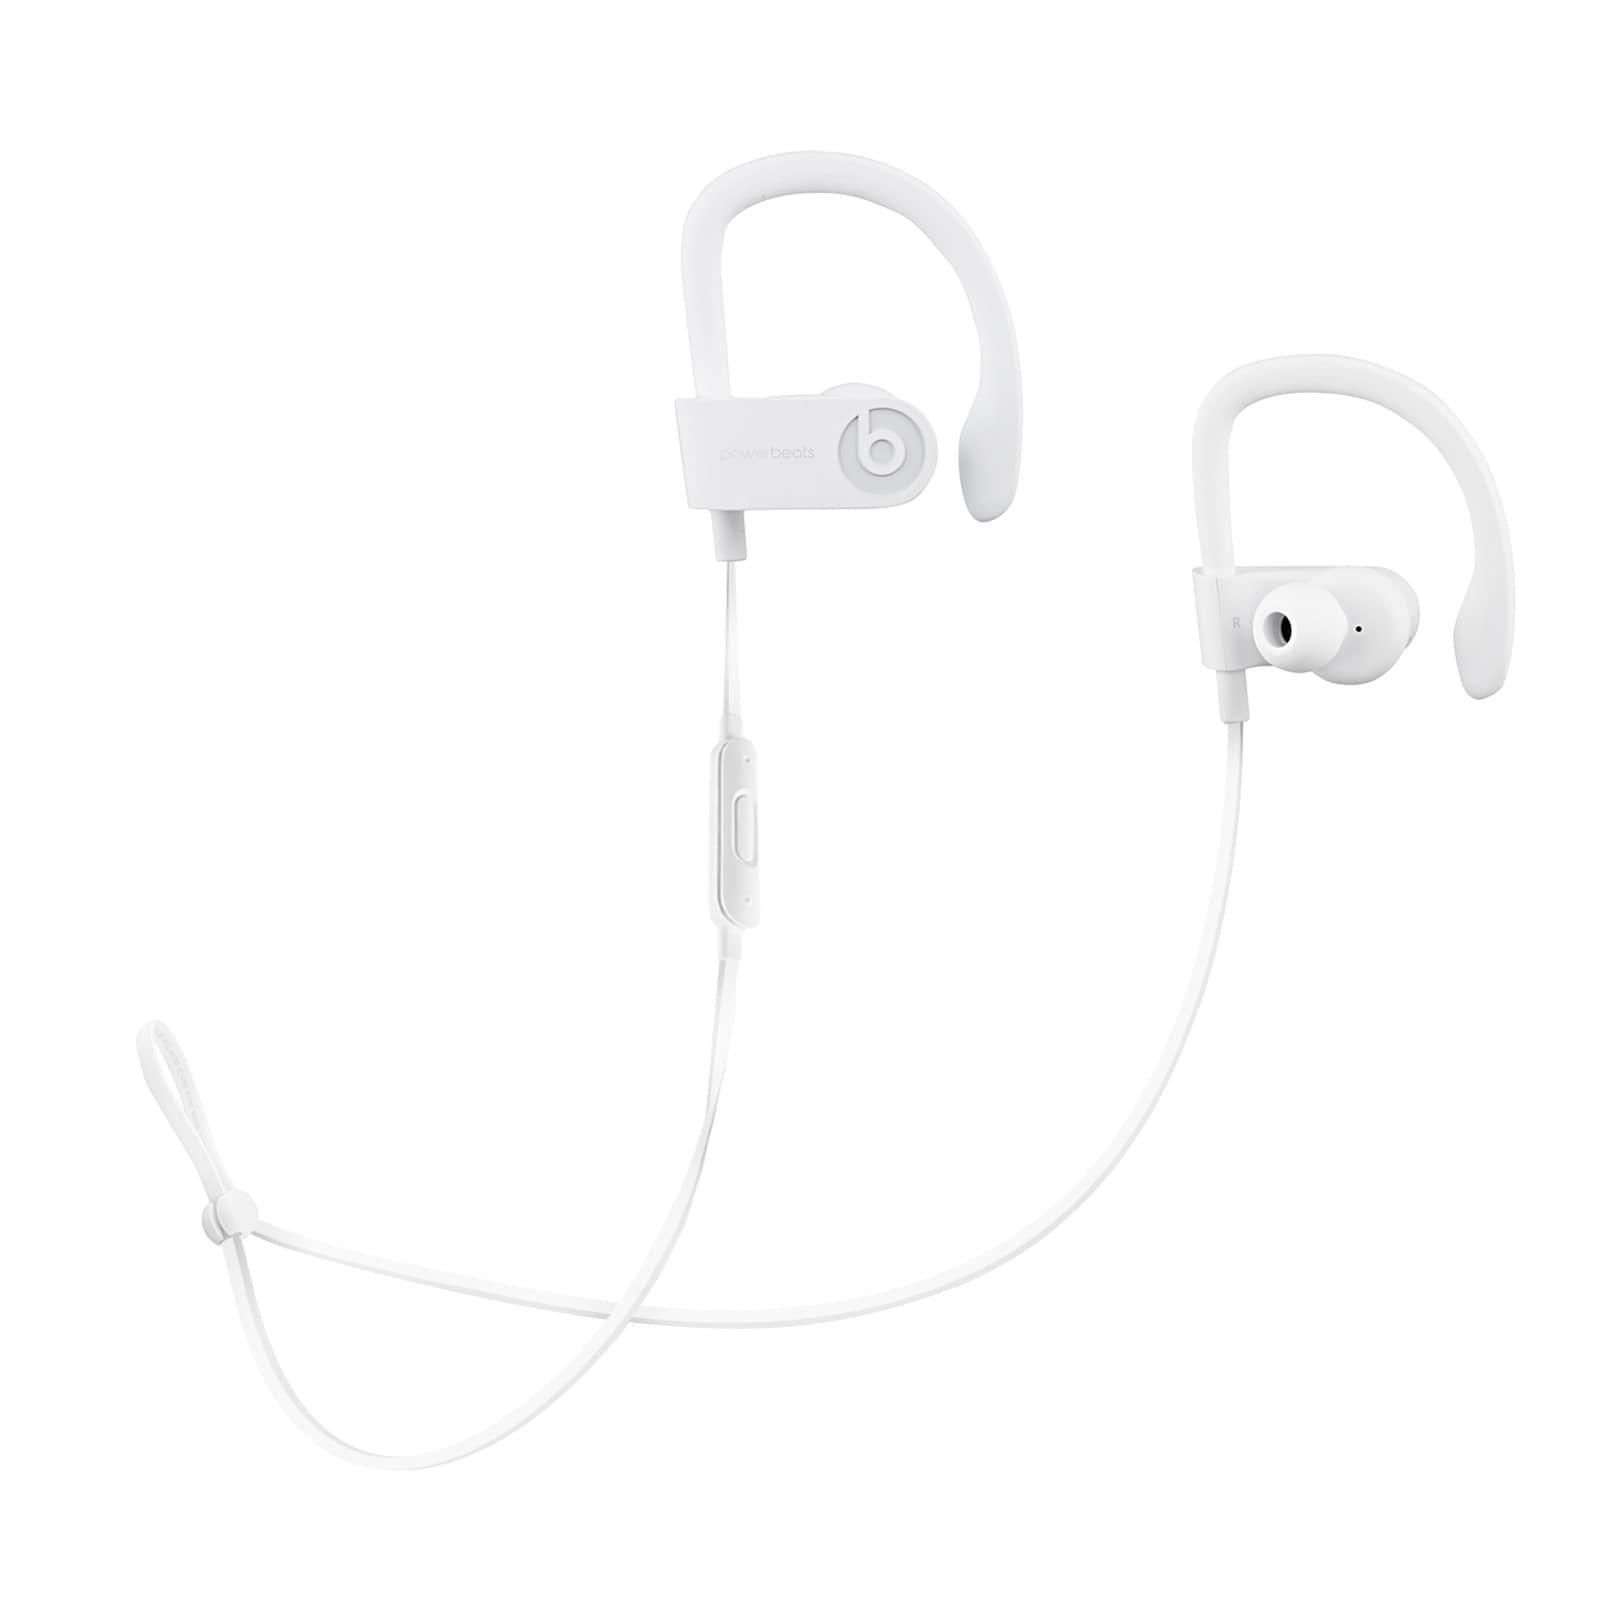 2ca52618ace Shop Apple Powerbeats 3 Wireless In Ear Headphones (Refurbished ...